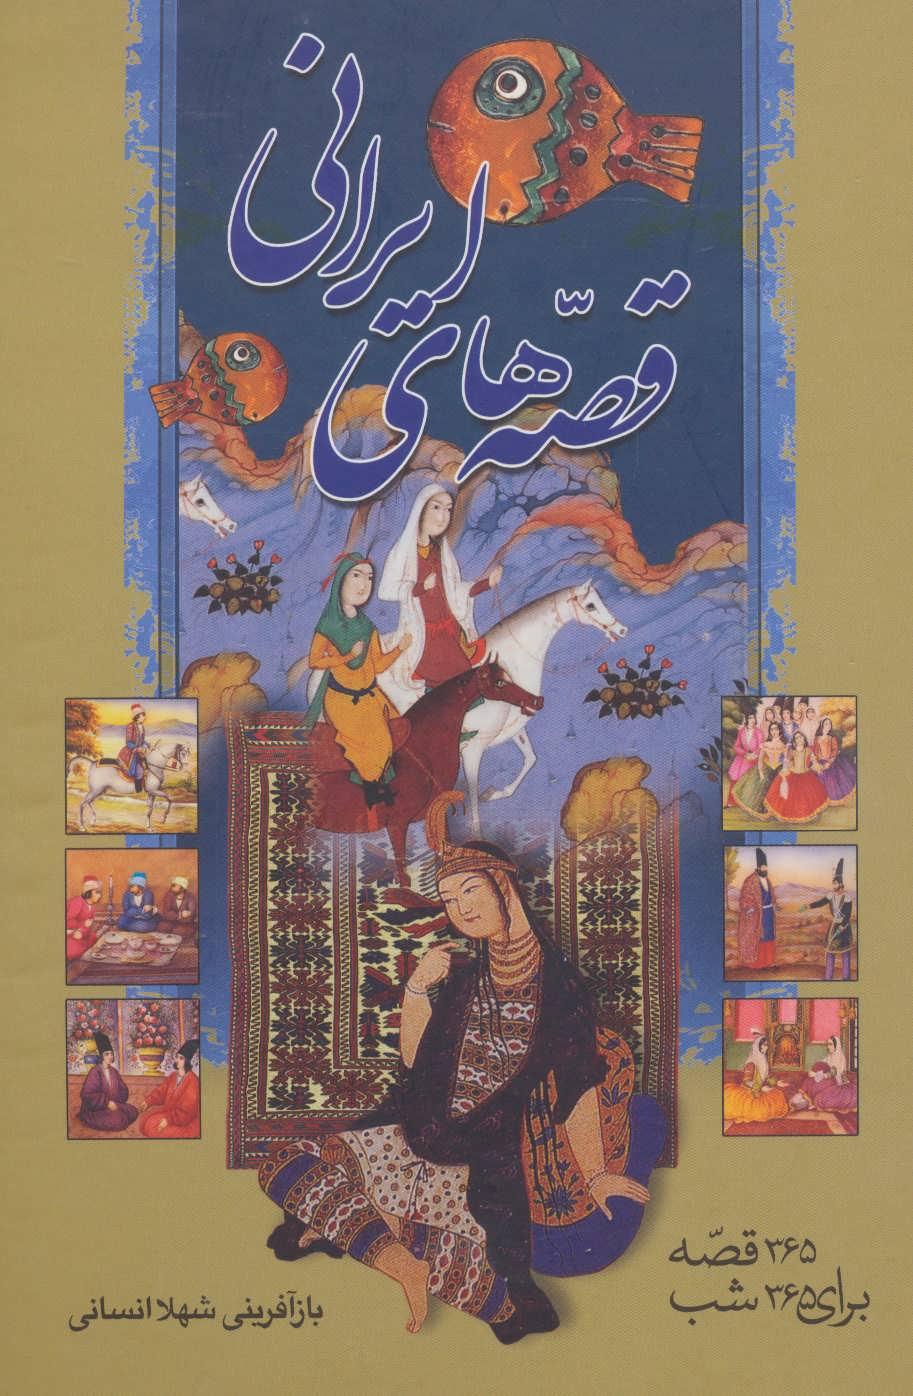 قصه هاي ايراني (365 قصه براي 365 شب)